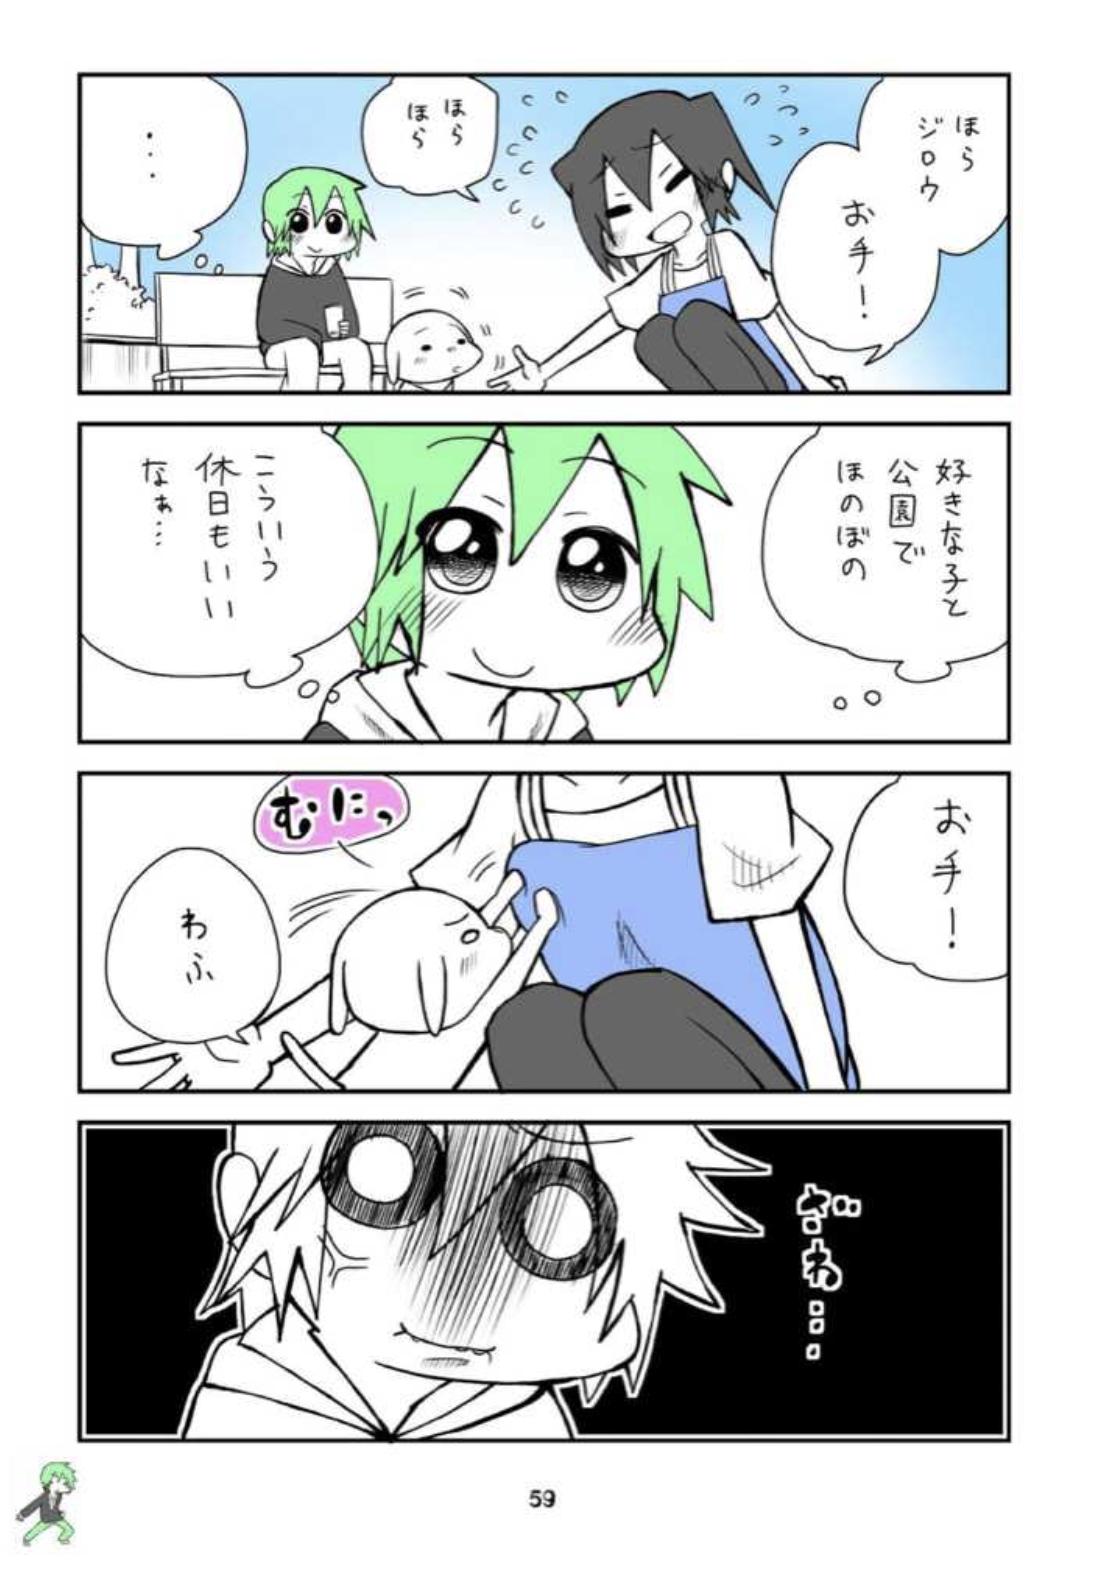 登場キャラ2:恋する思春期ボーイ【杏介】